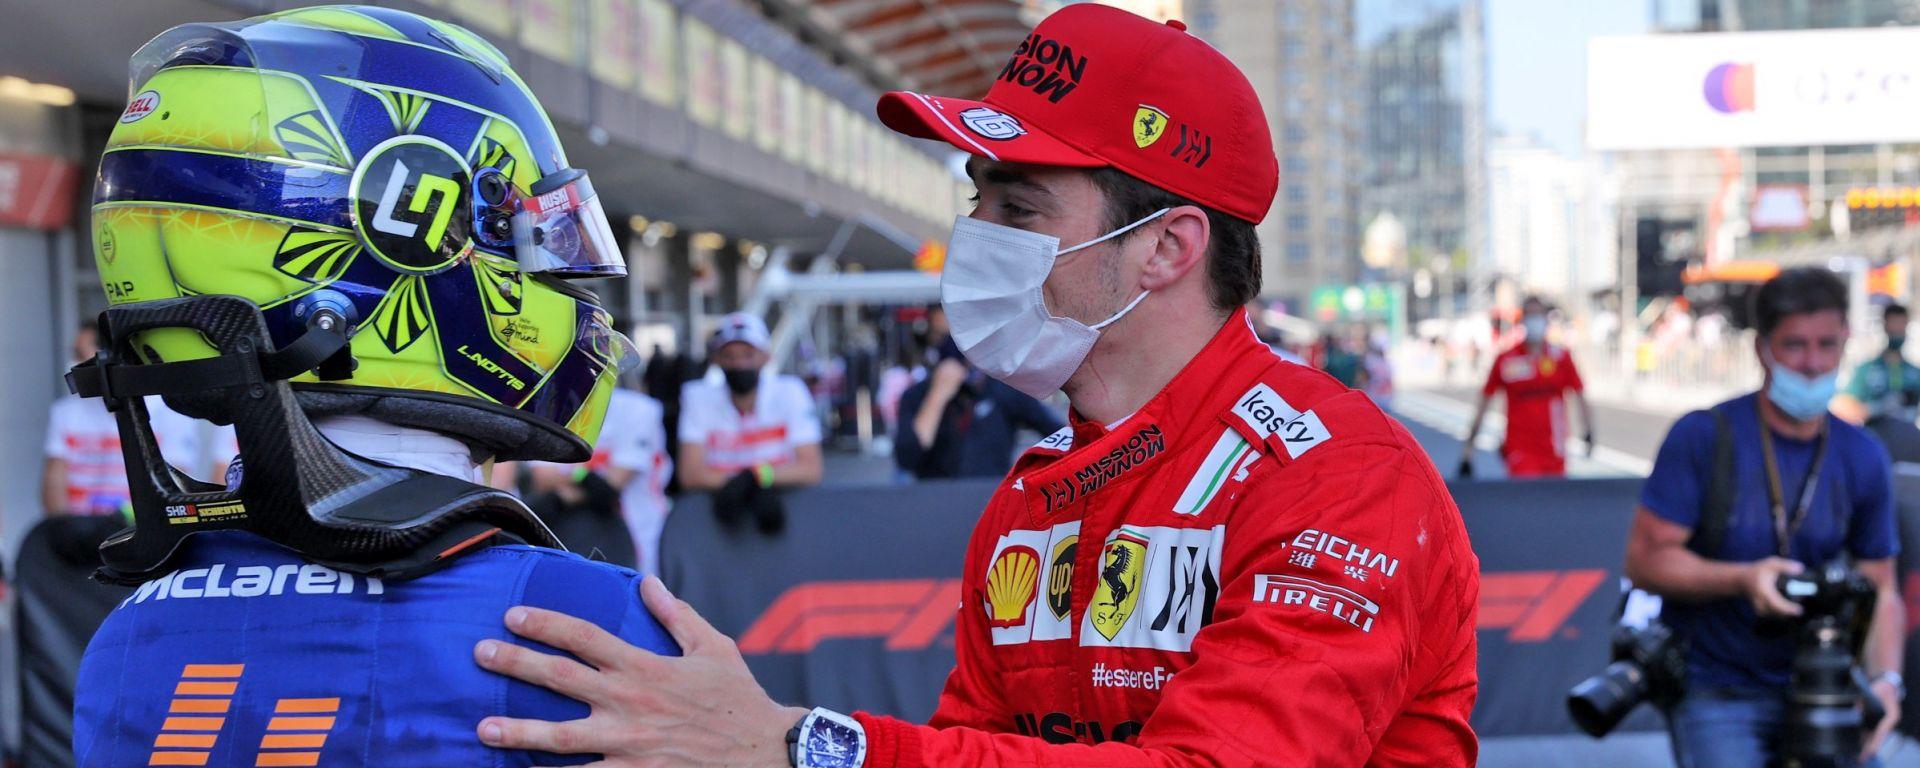 F1, GP Azerbaijan 2021: Charles Leclerc (Ferrari) e Lando Norris (McLaren) al termine delle qualifiche